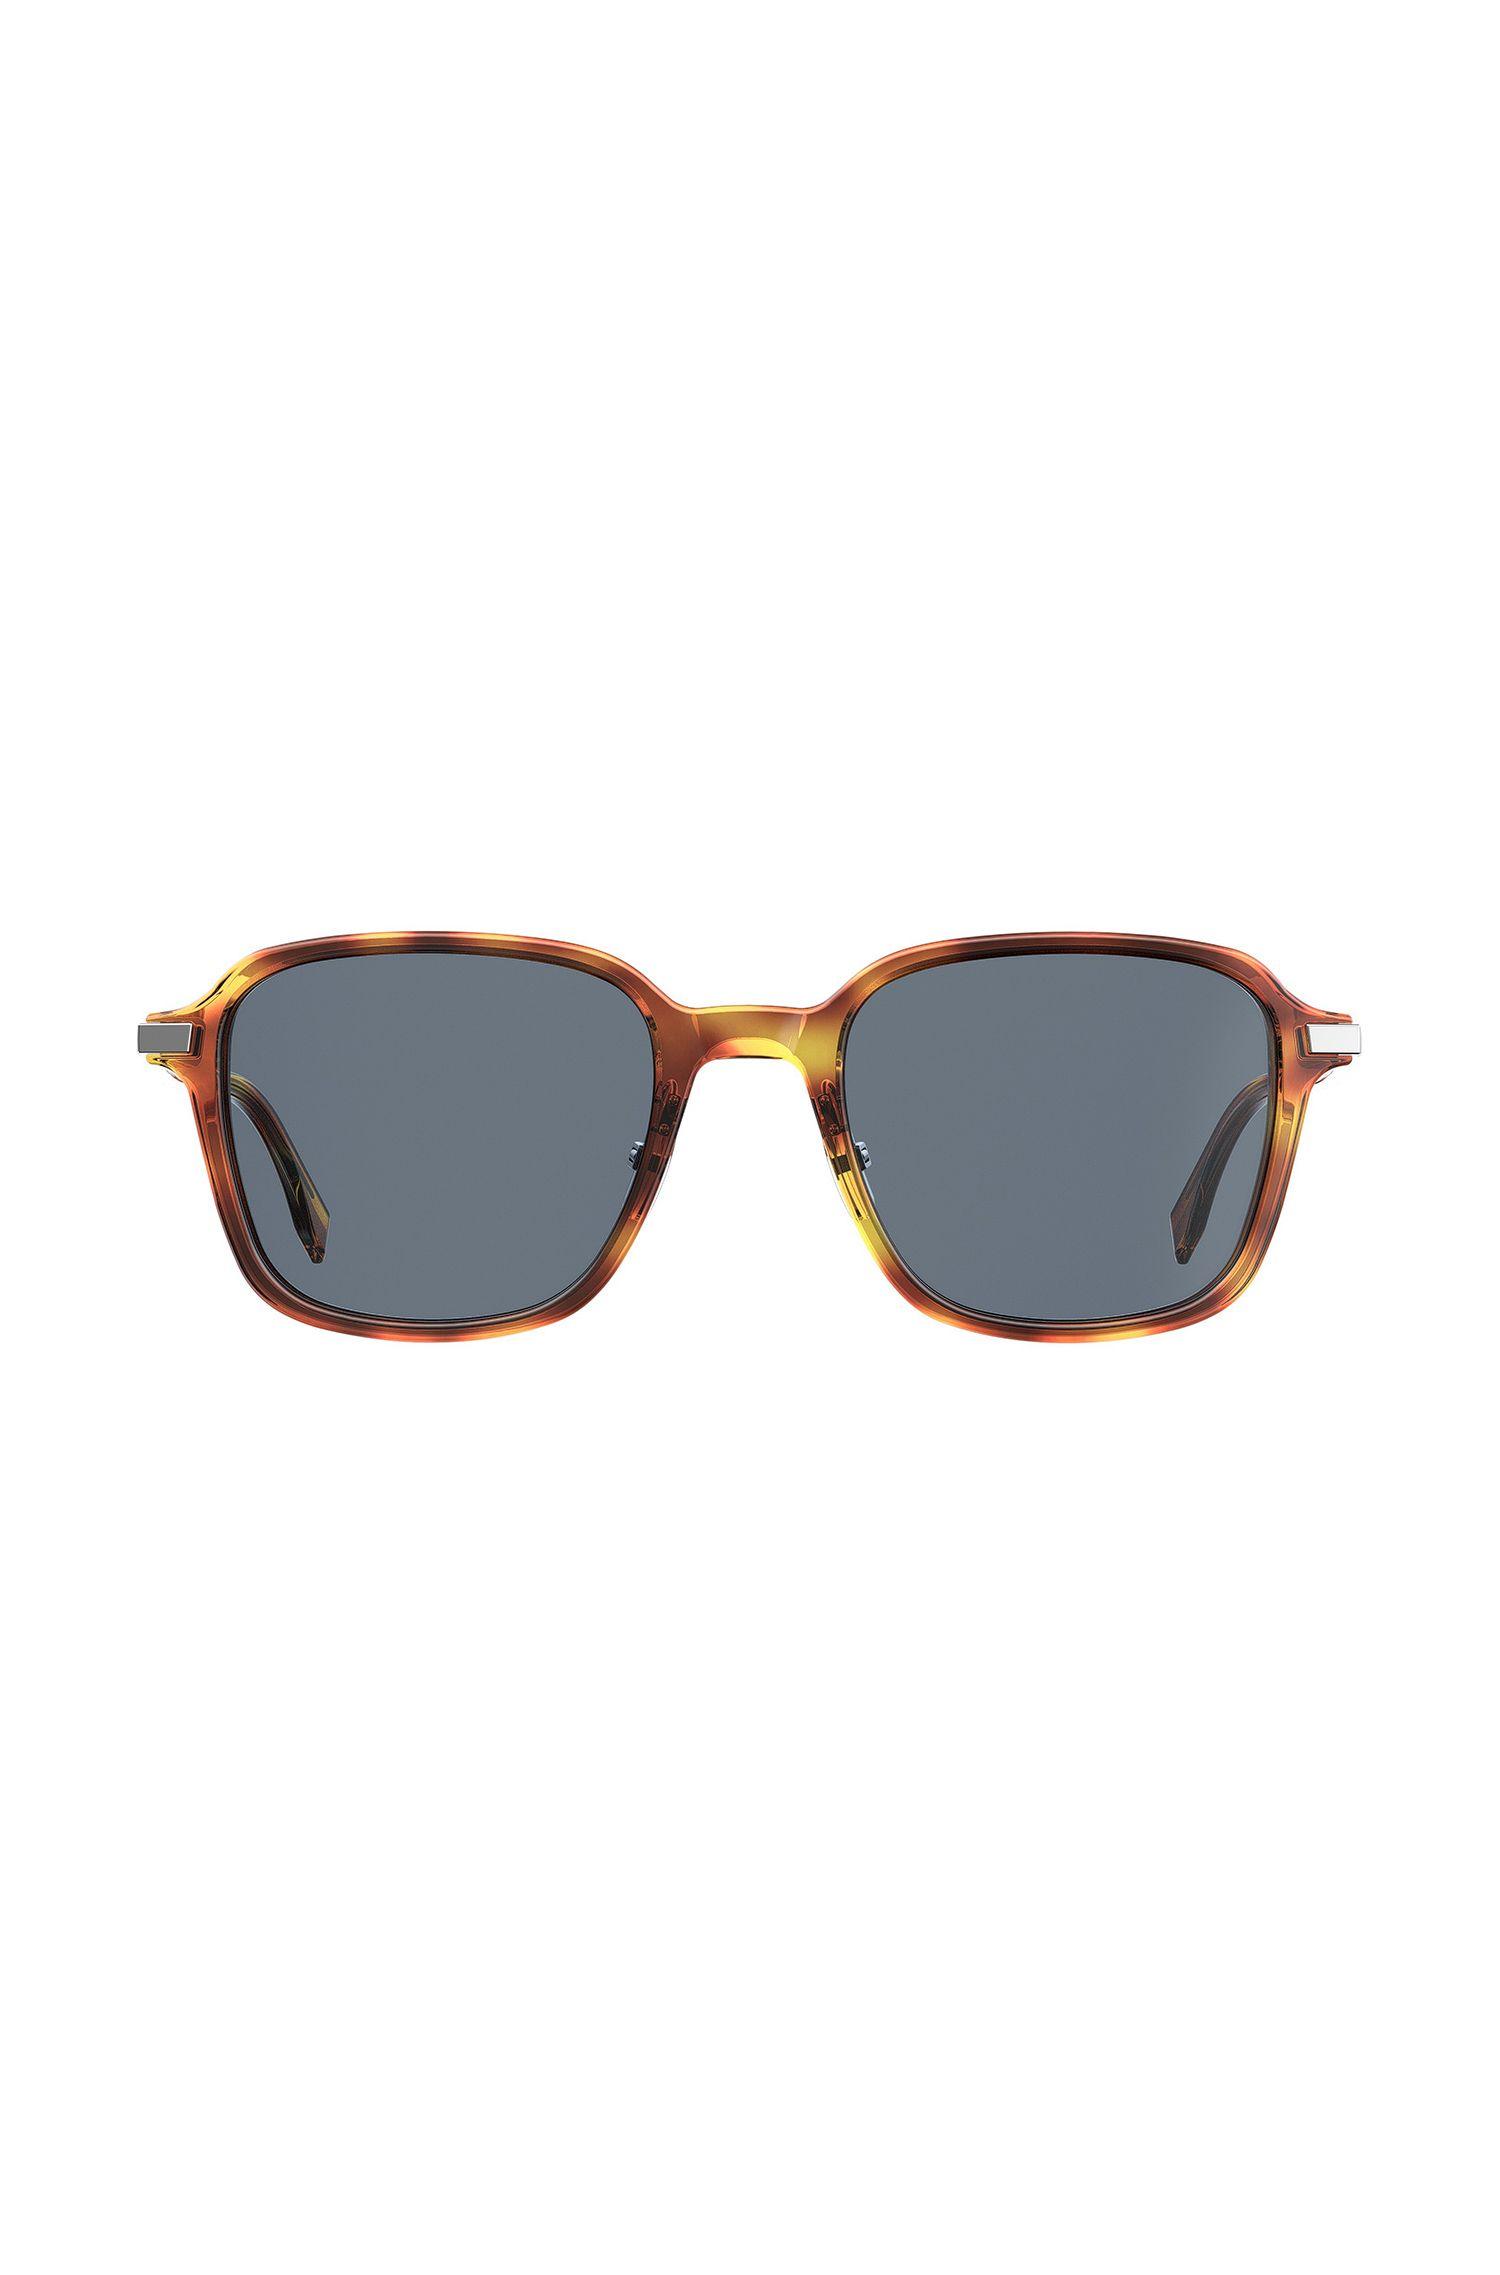 Gafas de sol de estilo vintage con almohadillas ajustables para la nariz